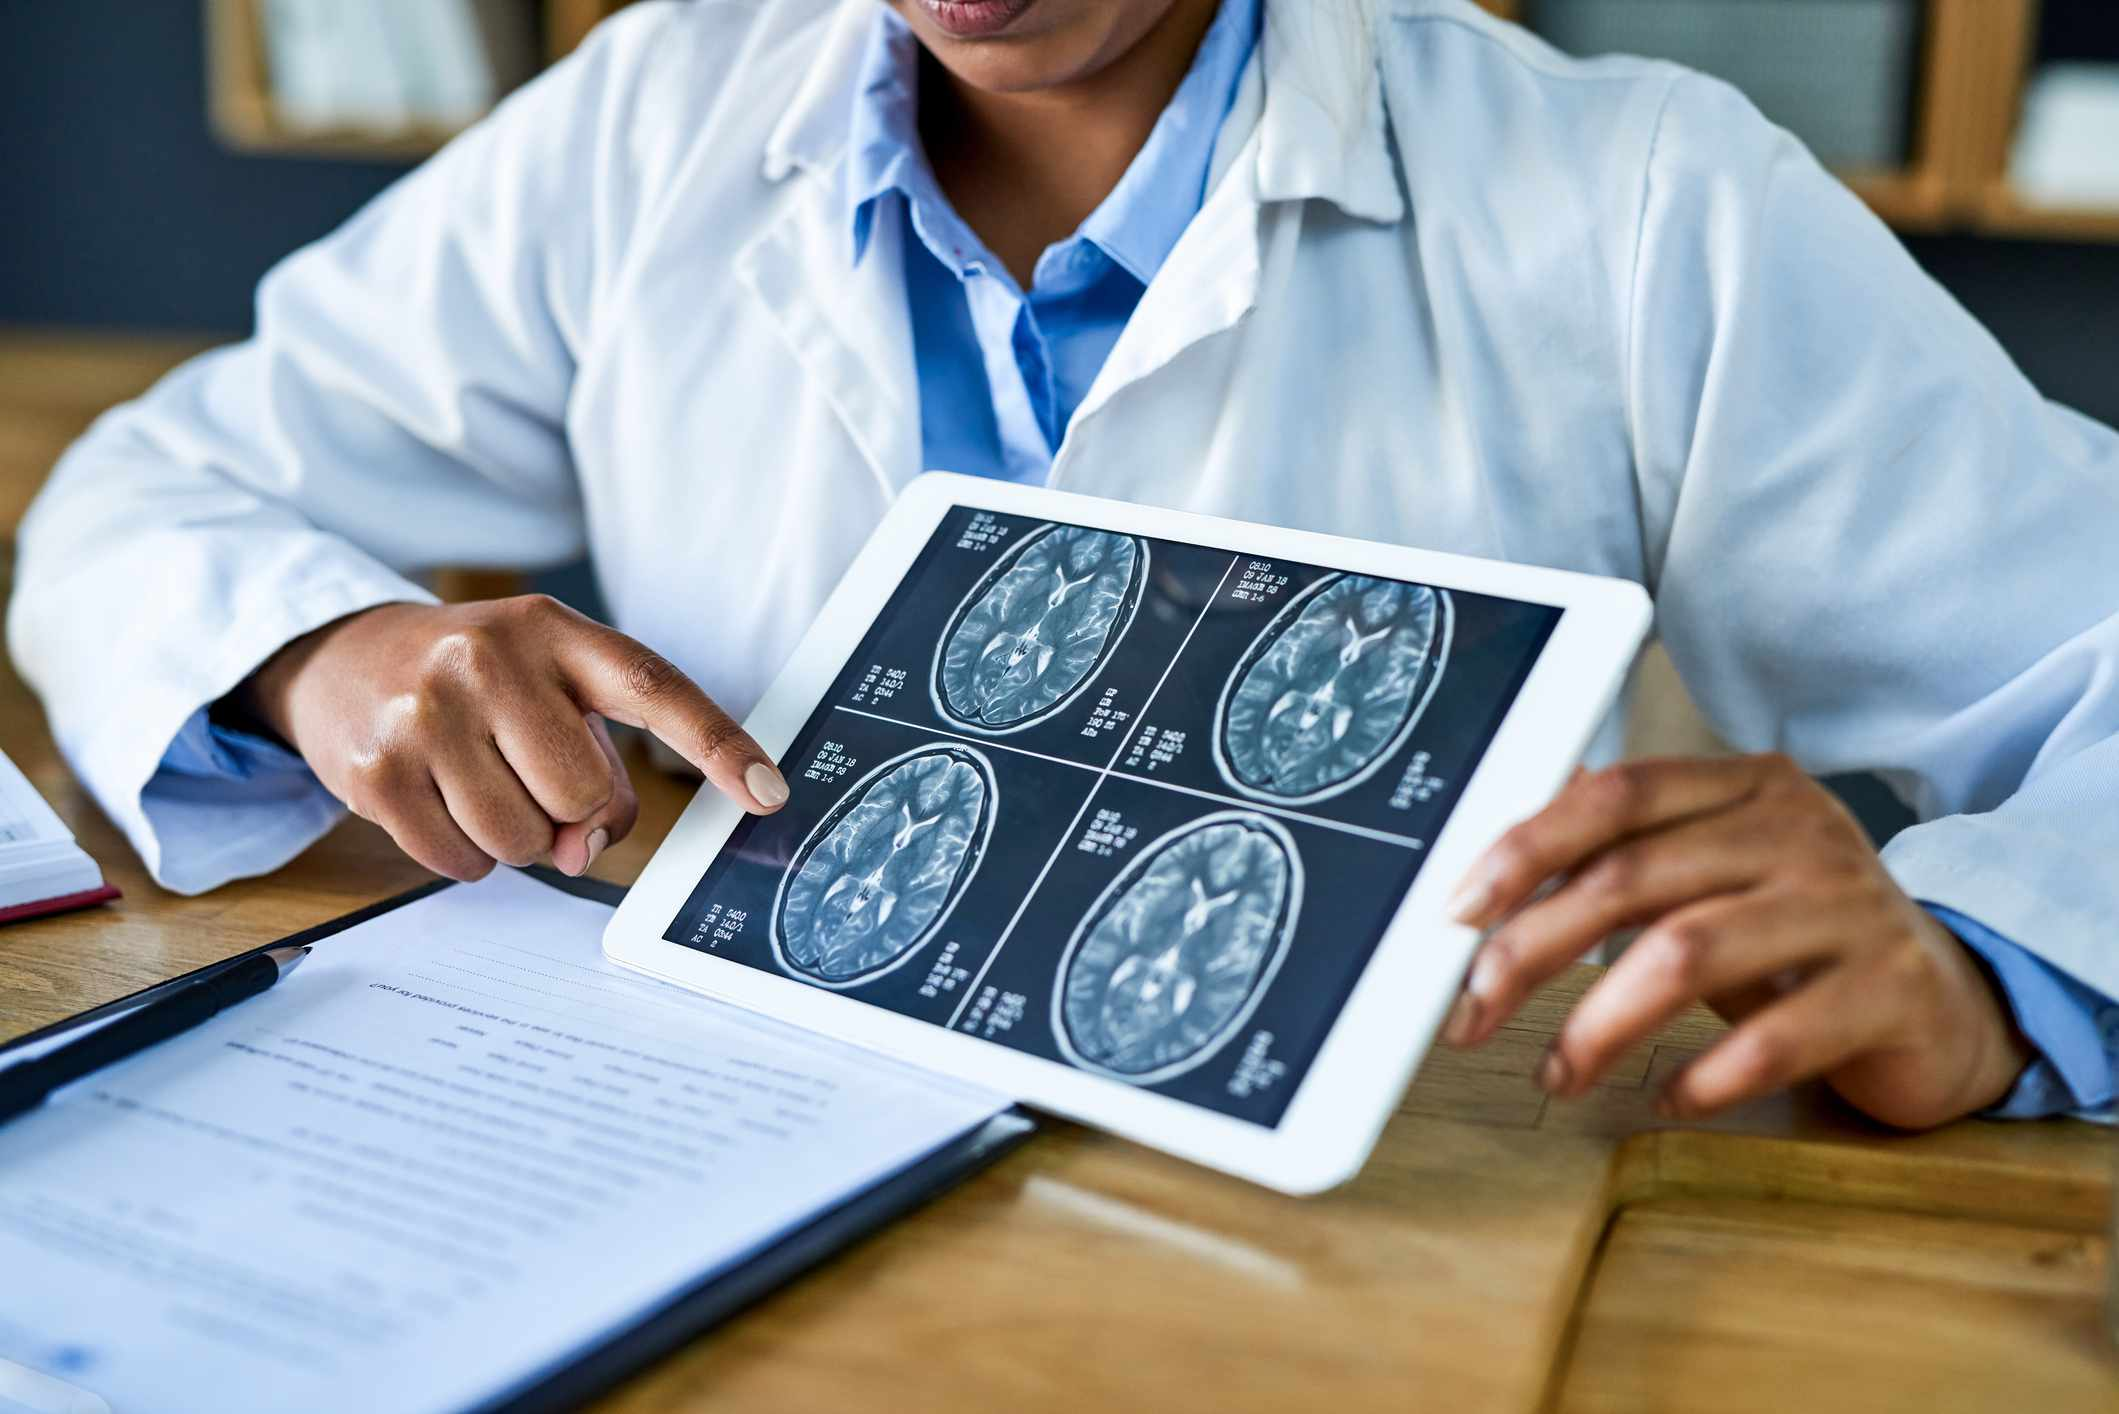 a neurologist showing MRIs